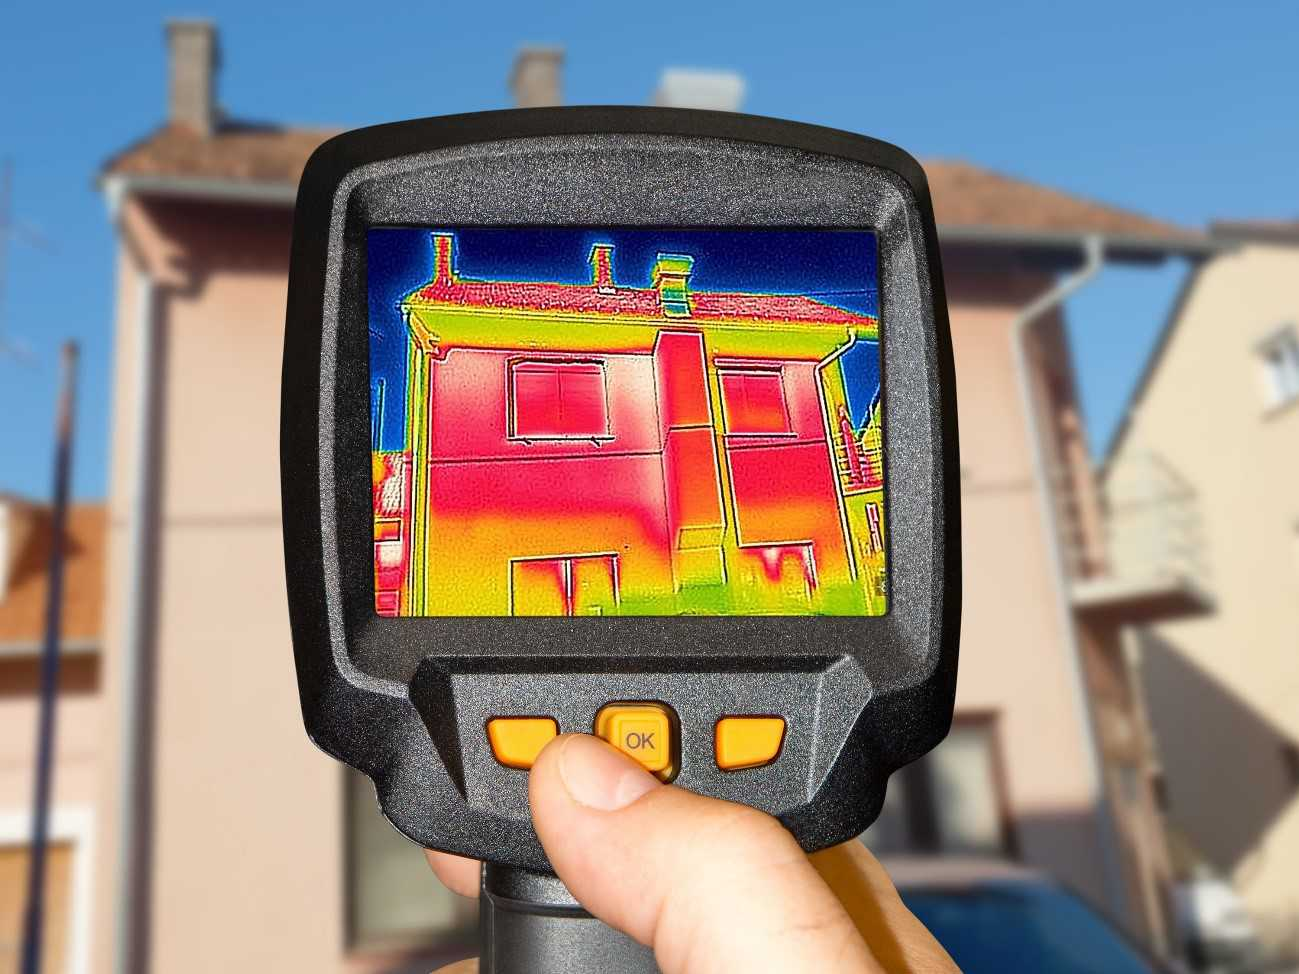 雨漏り箇所の特定方法「赤外線サーモグラフィー調査」とは